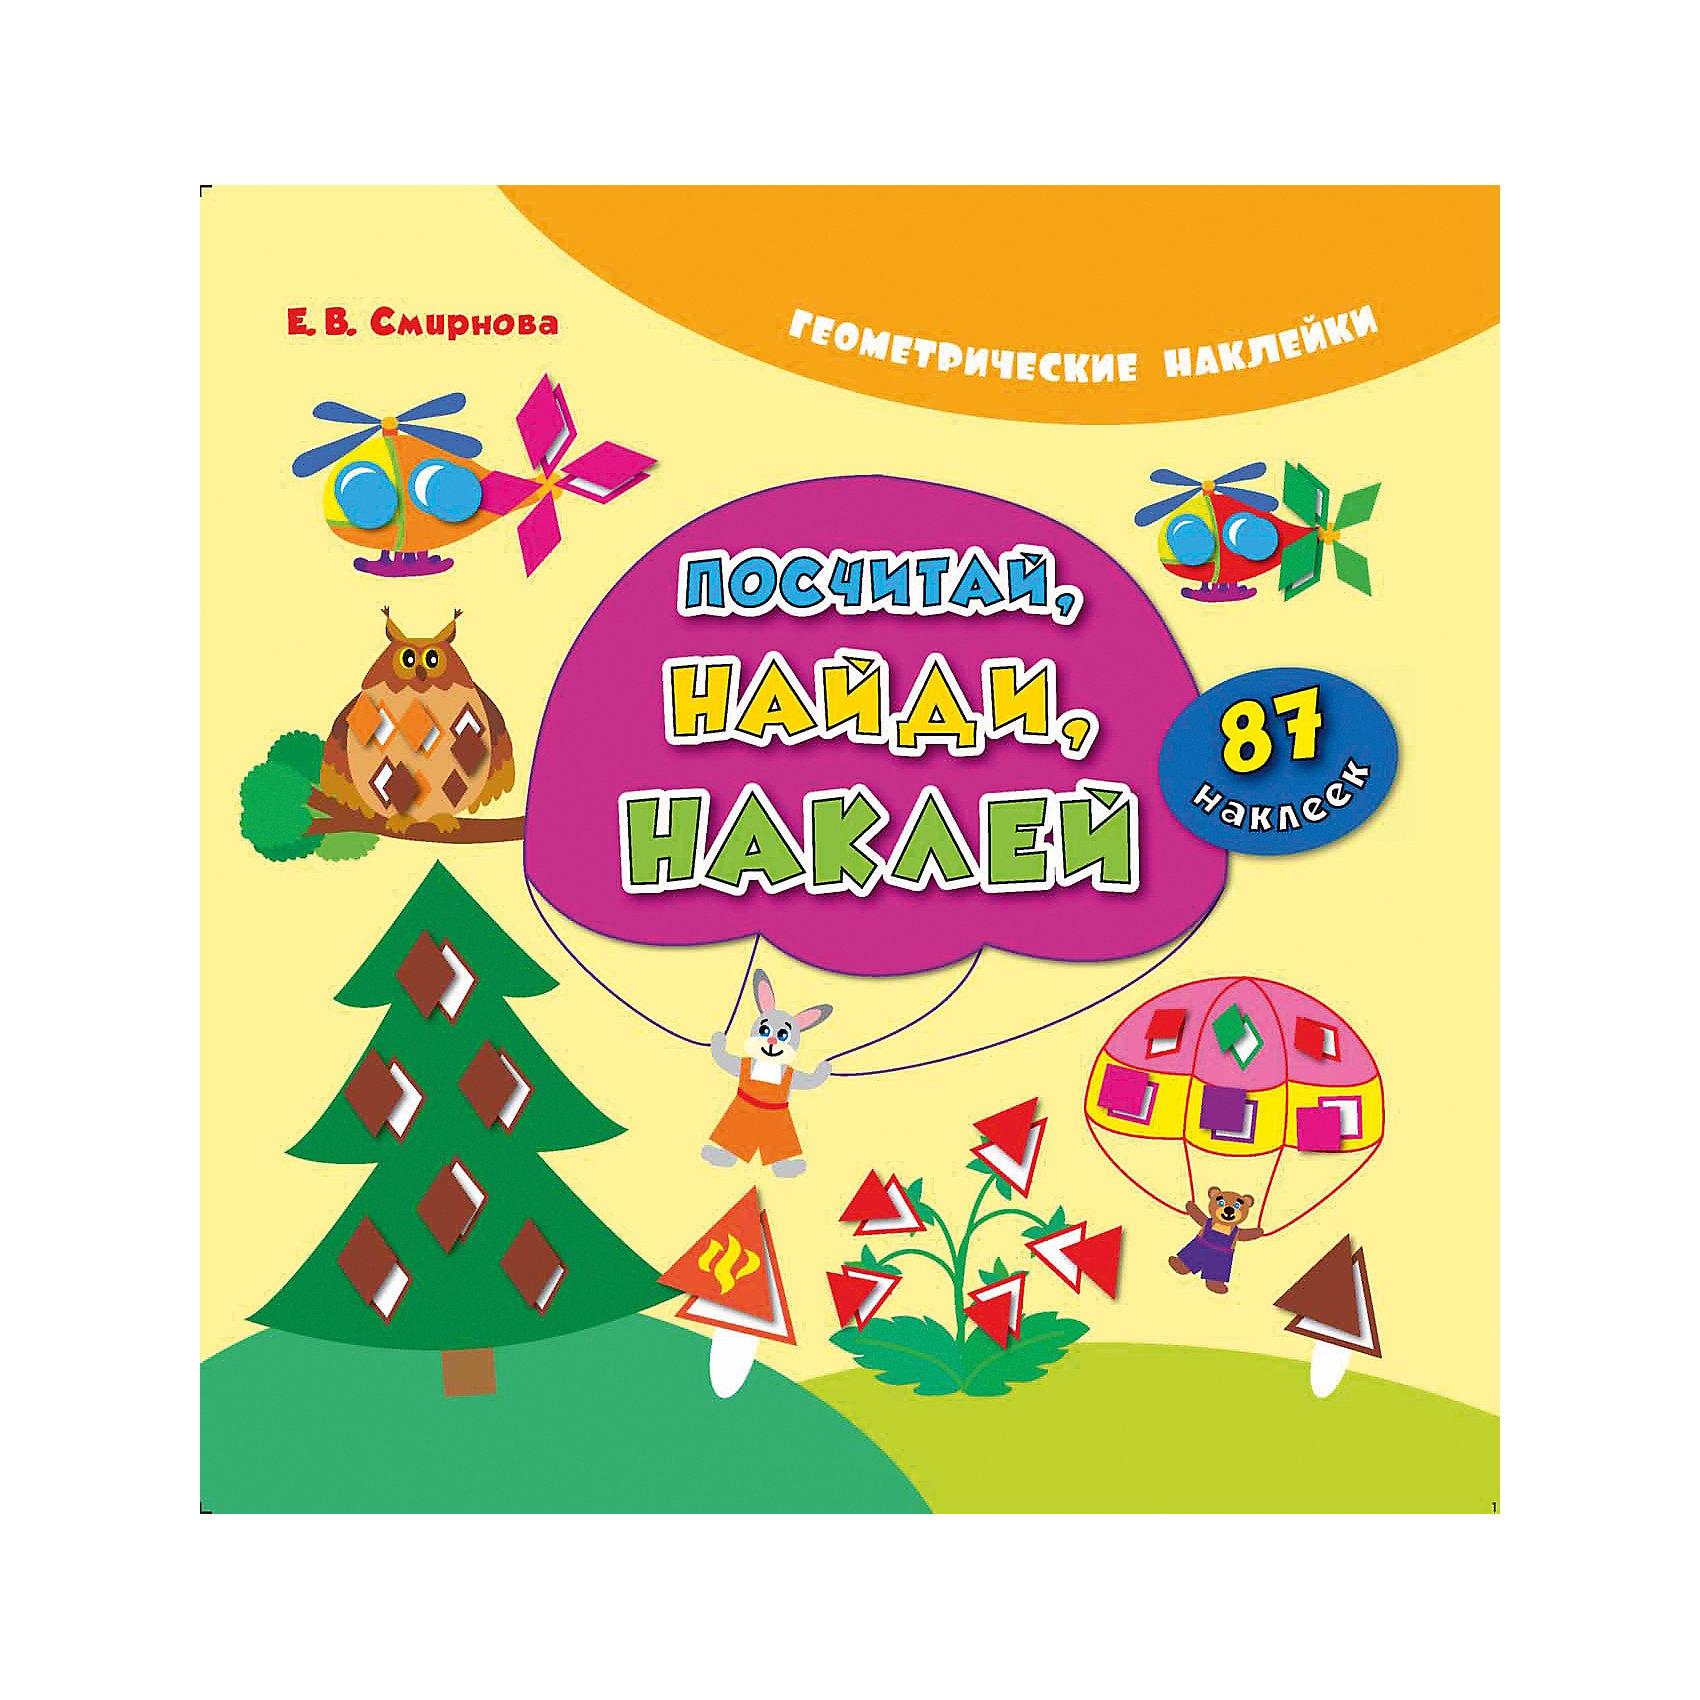 Посчитай, найди, наклейДанная книга познакомит детей с такими геометрическими фигурами, как квадрат, круг, треугольник и ромб. Дети научатся работать с этими фигурами: называть, узнавать на рисунке и среди окружающих предметов, искать наклейки соответствующей формы, размера и<br><br>Ширина мм: 216<br>Глубина мм: 214<br>Высота мм: 1<br>Вес г: 57<br>Возраст от месяцев: 12<br>Возраст до месяцев: 72<br>Пол: Унисекс<br>Возраст: Детский<br>SKU: 5120149